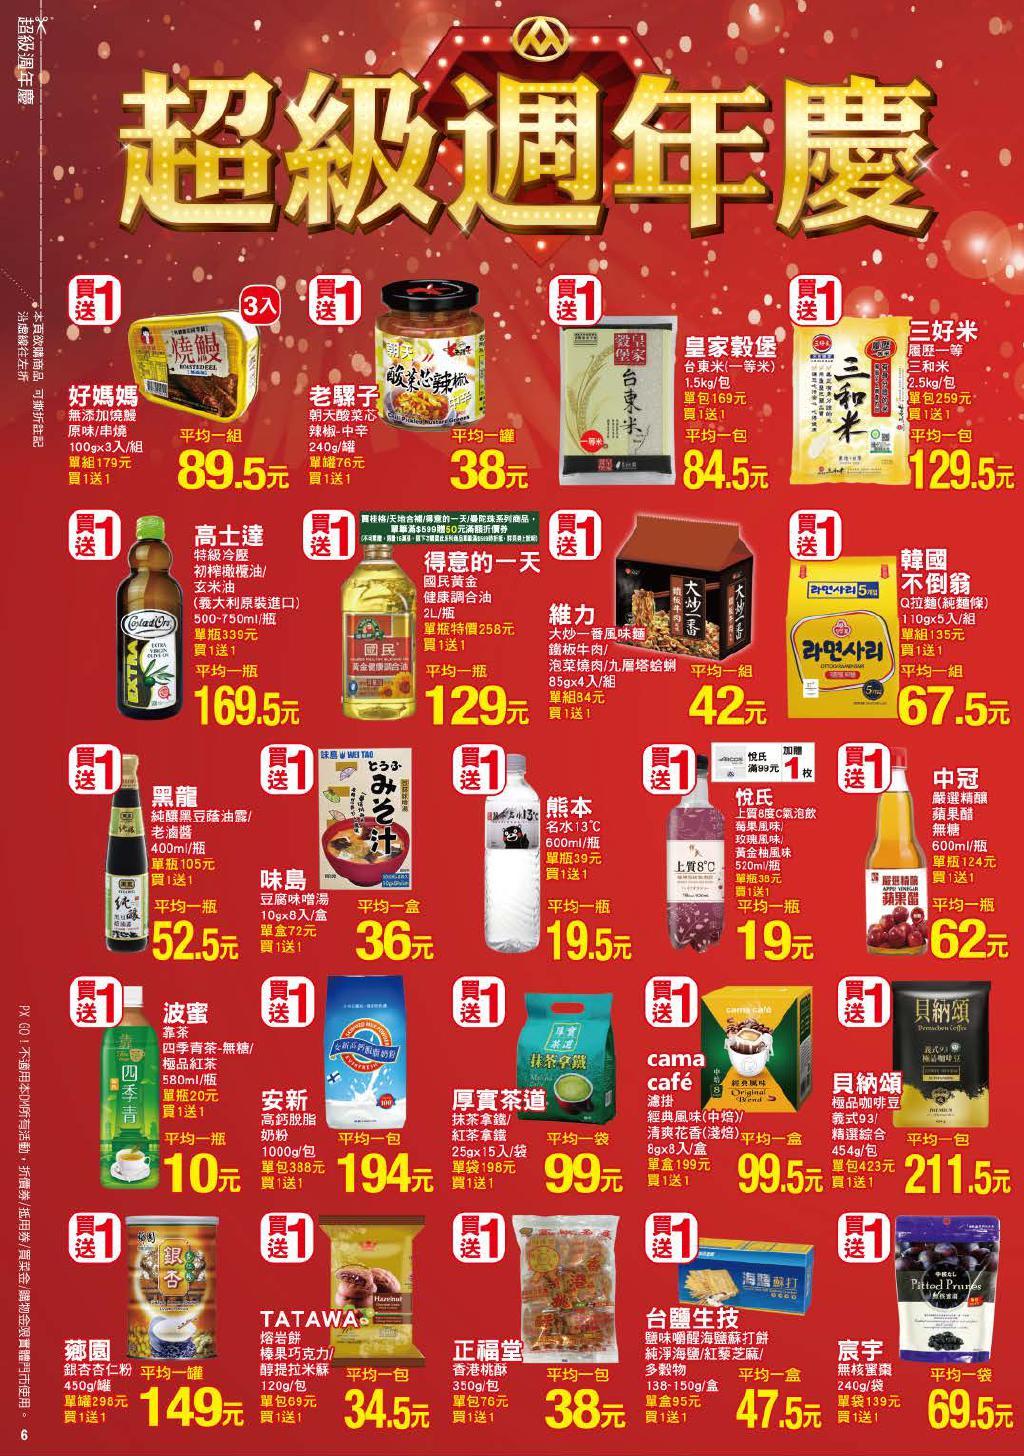 pxmart20201119_000006.jpg